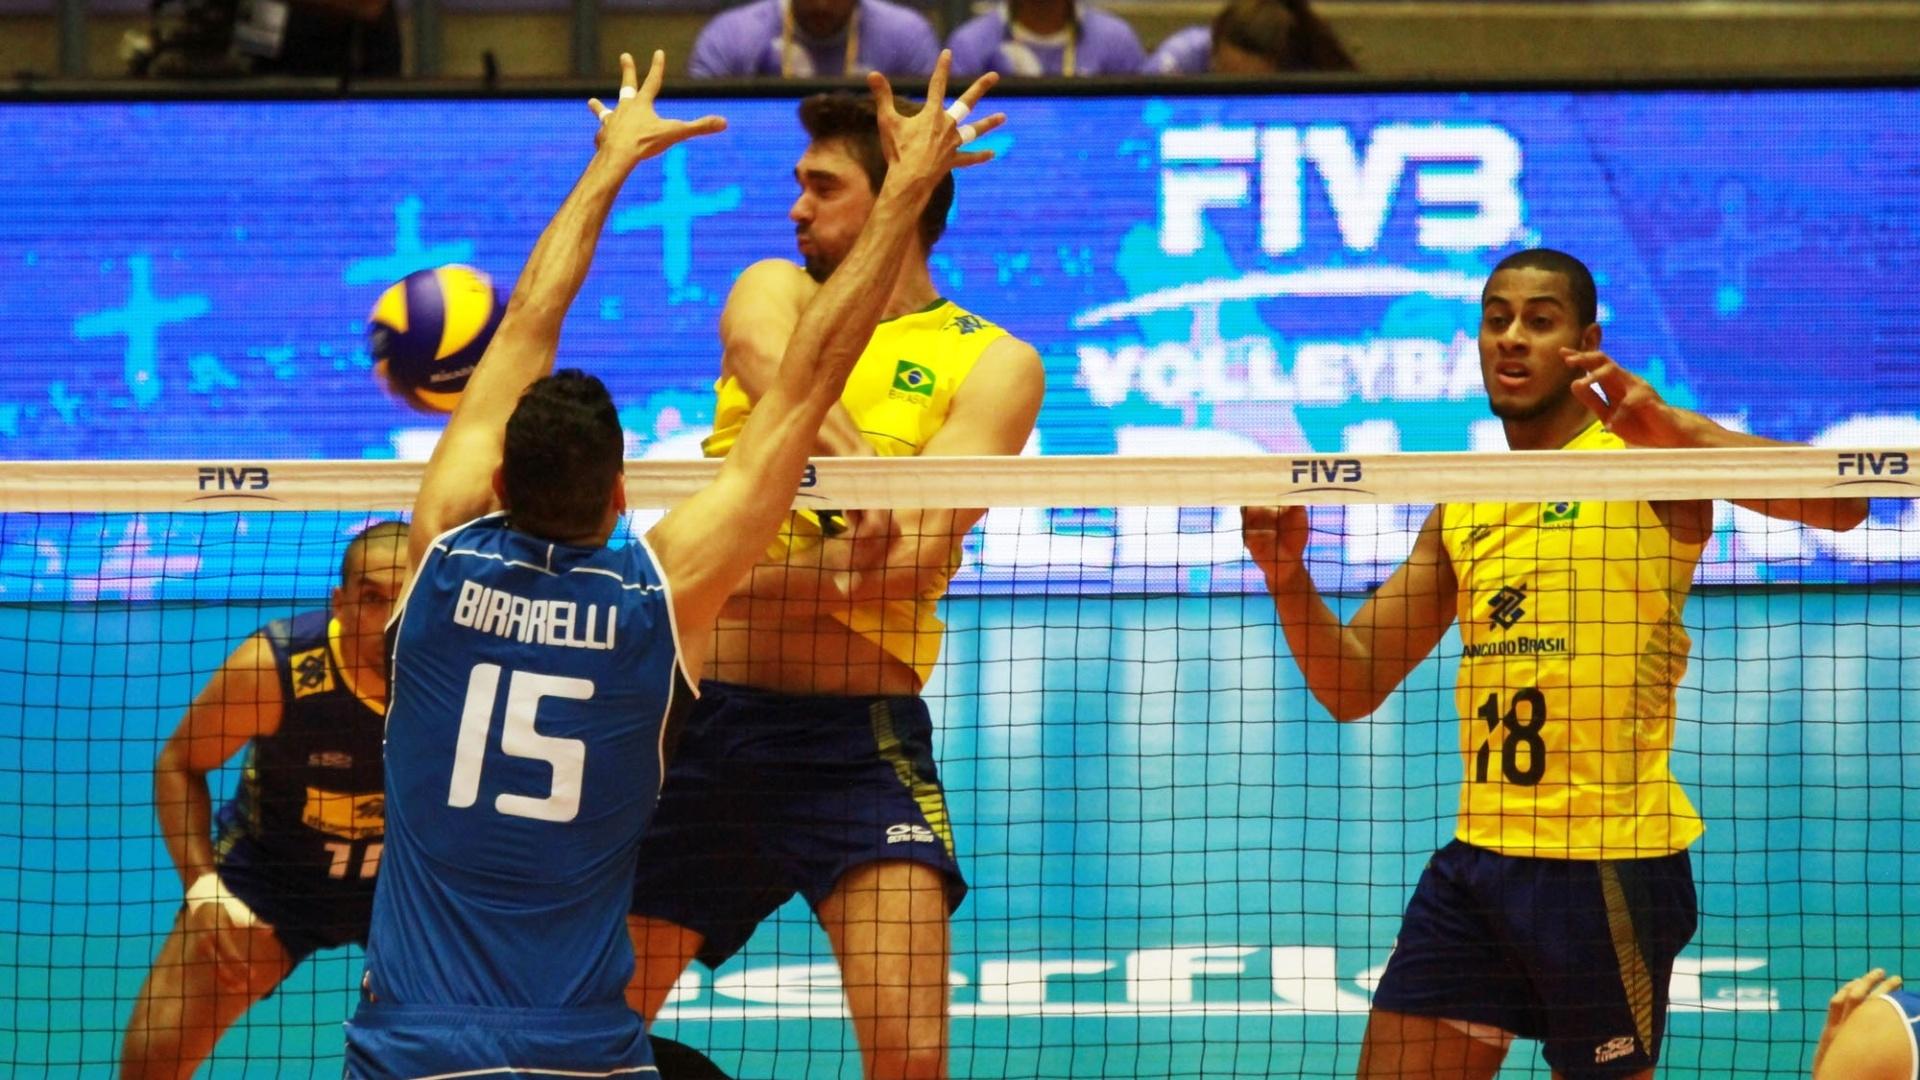 Brasil e Itália se enfrentam pela Liga Mundial de vôlei